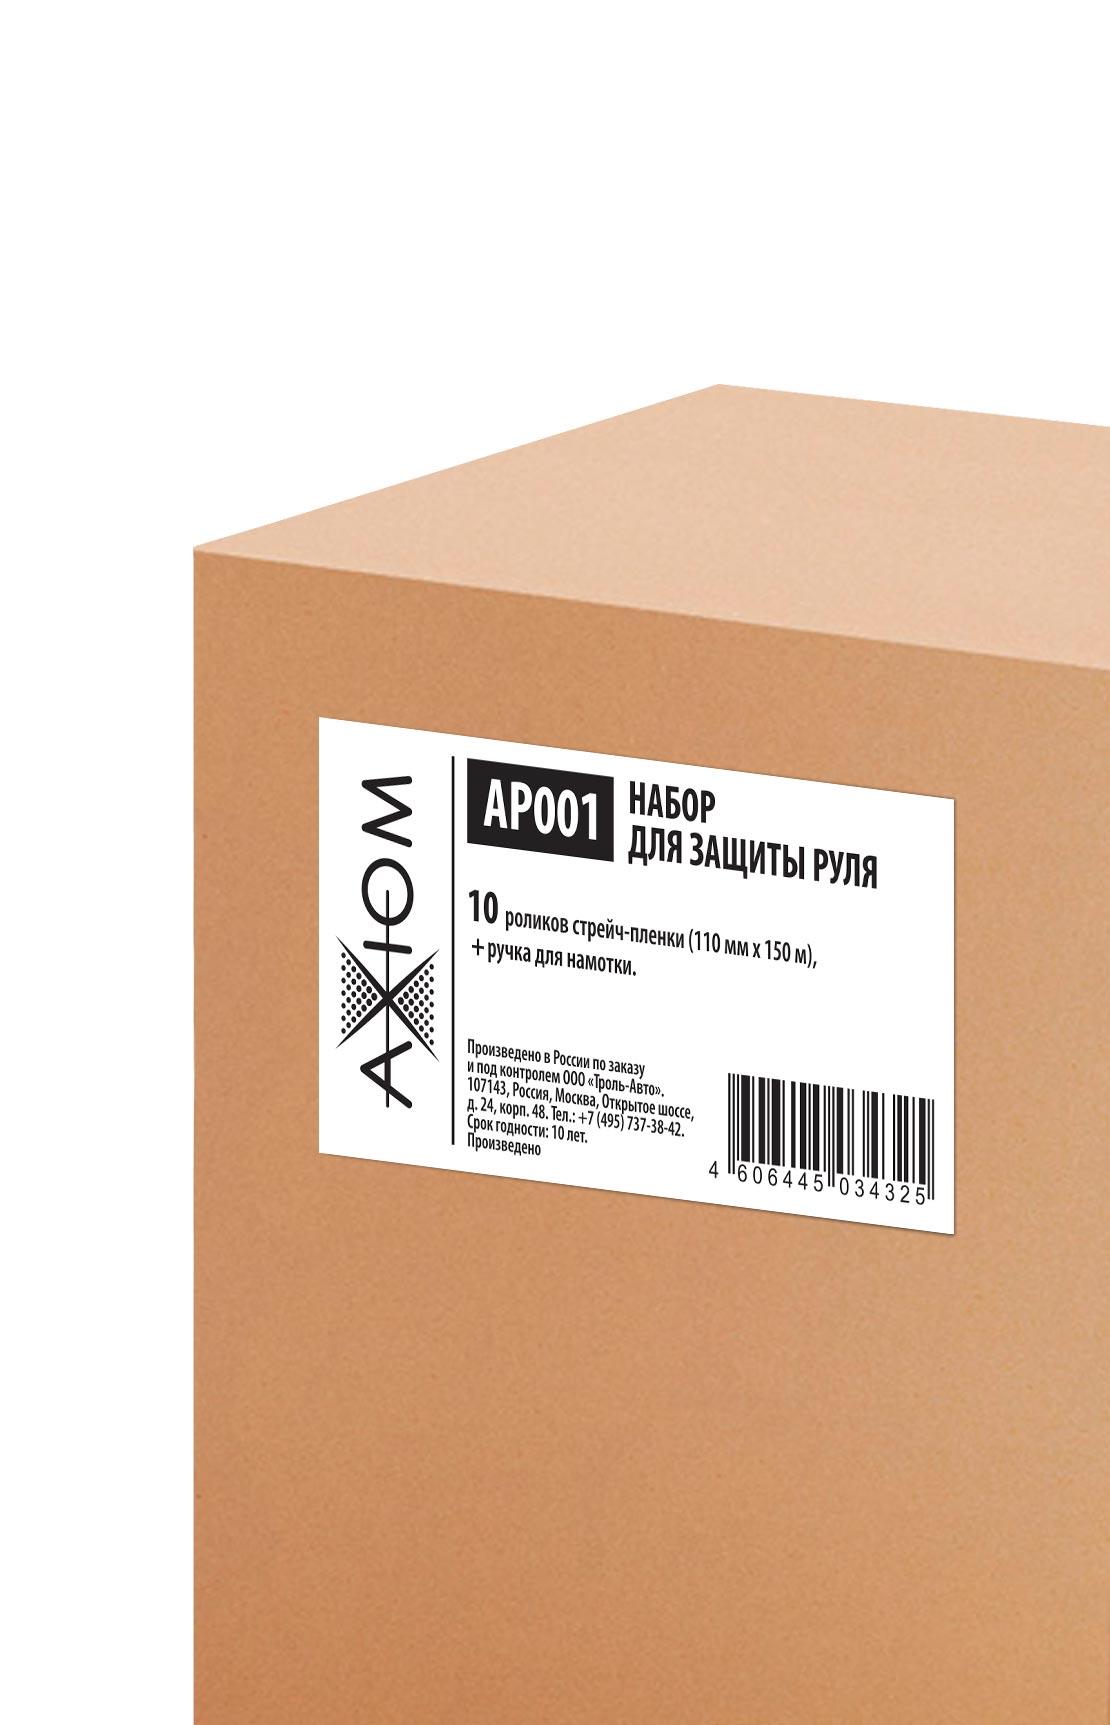 Набор для защиты руля (10 роликов+1 ручка; 110мм*150мм). AXIOM (AP001)